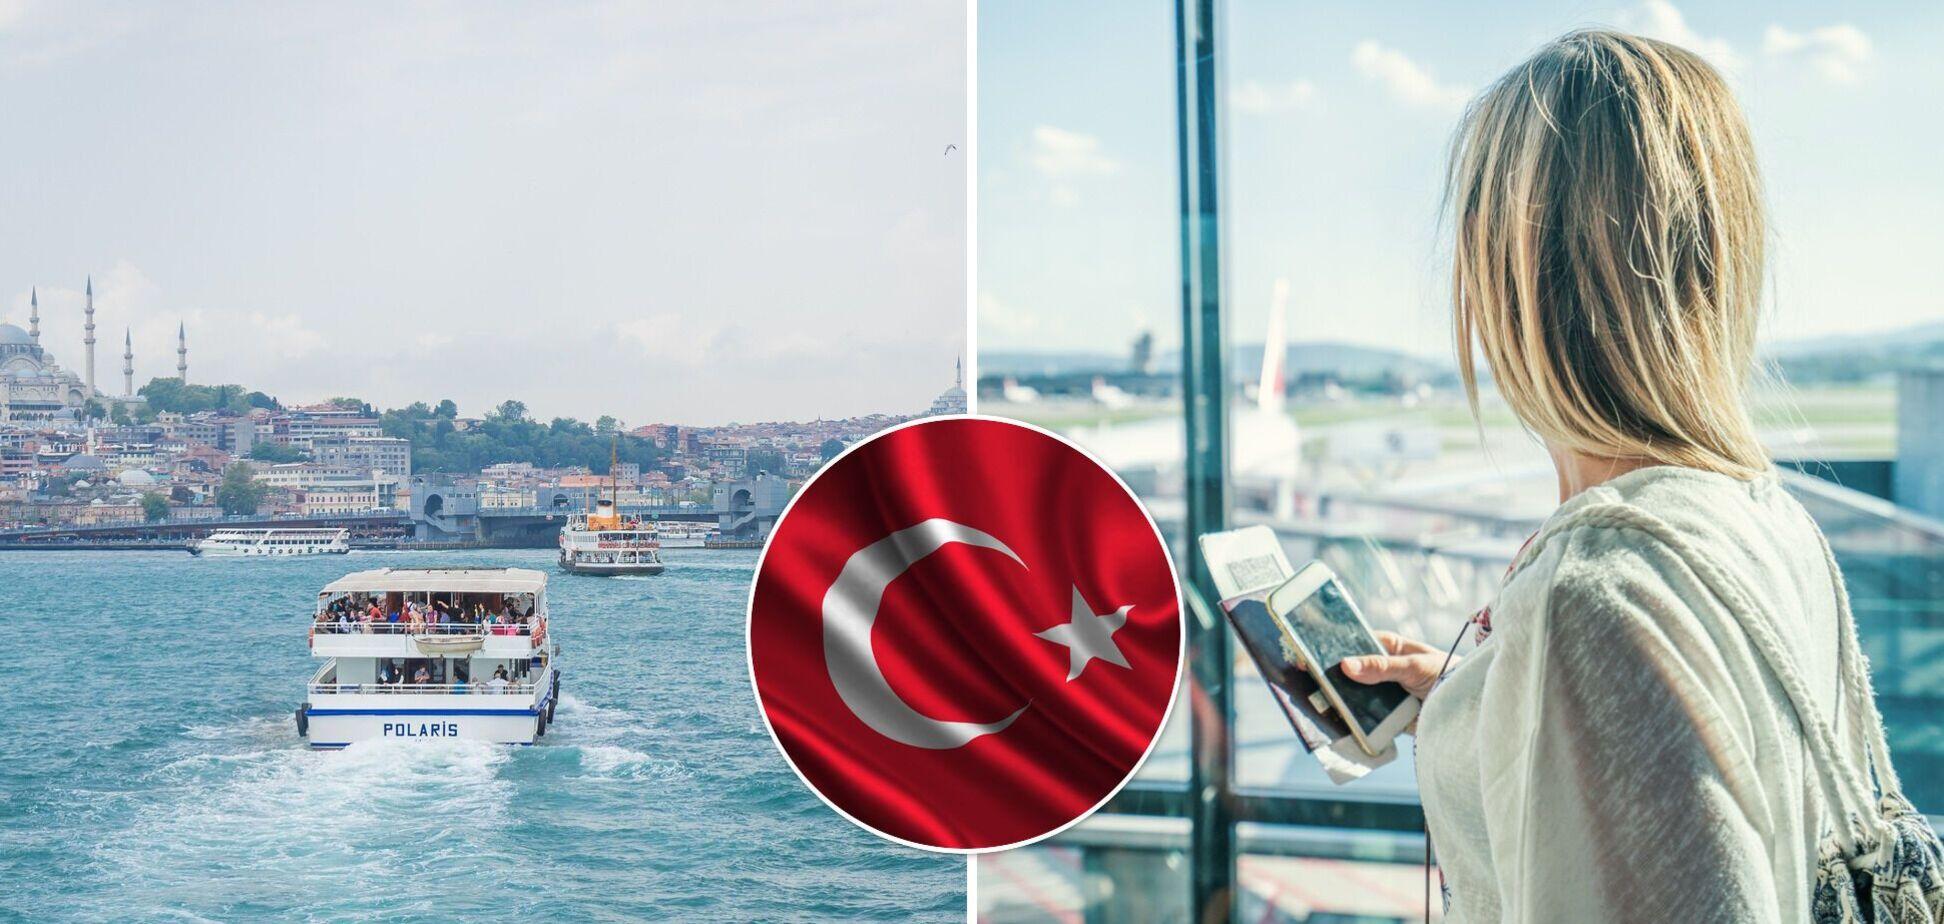 Українці зможуть поїхати до Туреччини за новими правилами: що змінилося